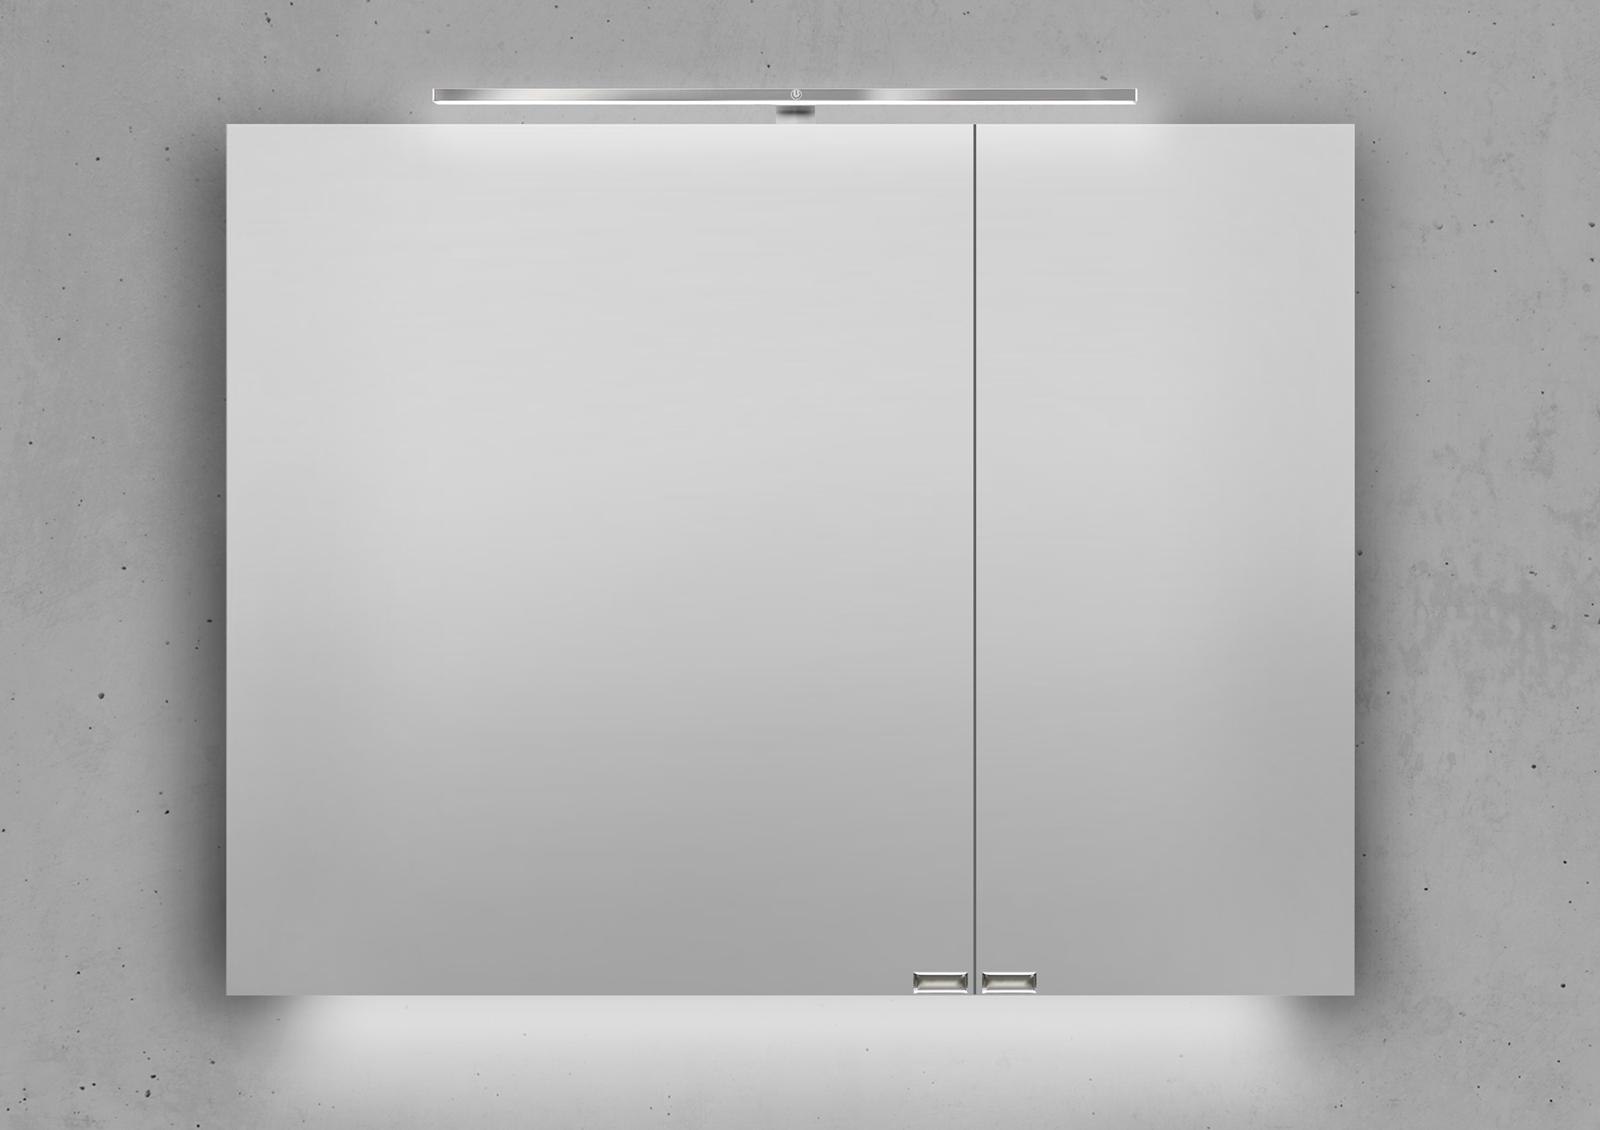 spiegelschrank 90 cm led beleuchtung mit farbwechsel doppelseitig verspiegelt. Black Bedroom Furniture Sets. Home Design Ideas